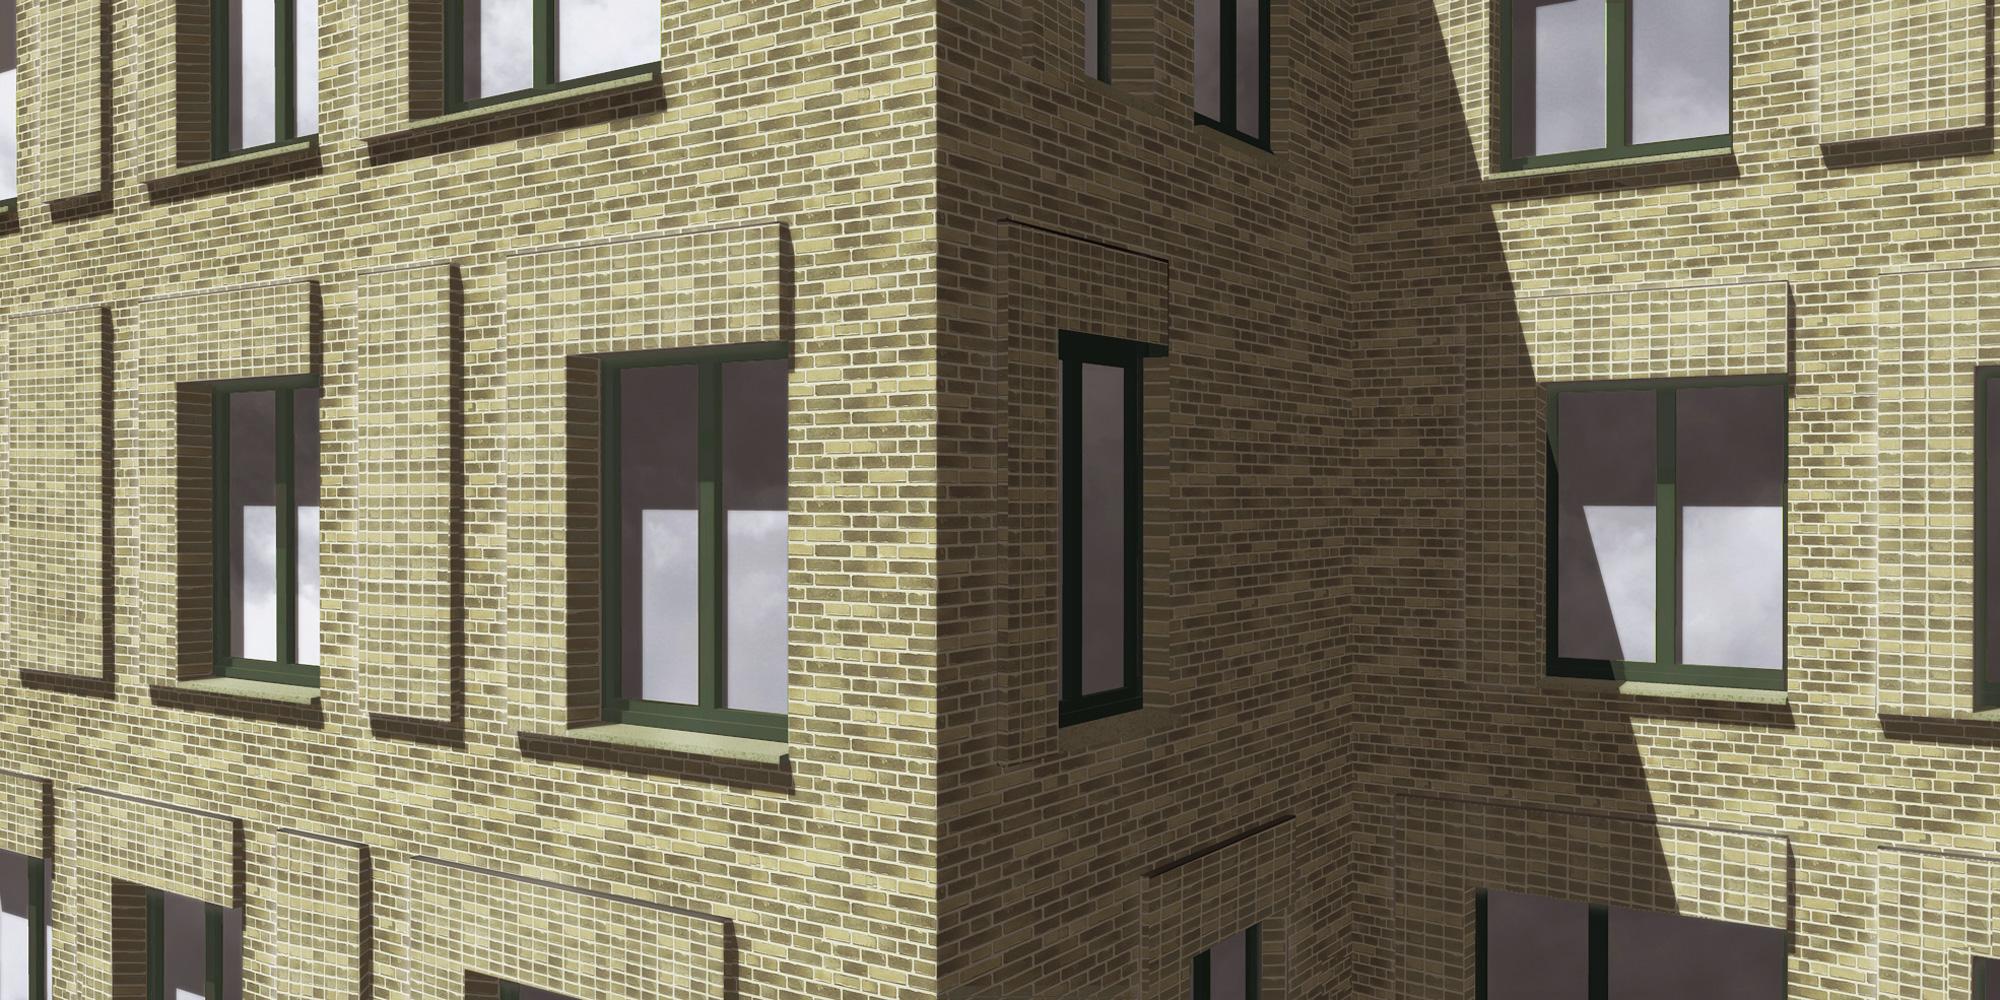 gevel_studio's_dom-hans-van-der-laan_verhoudingen_brick_metselwerk_2